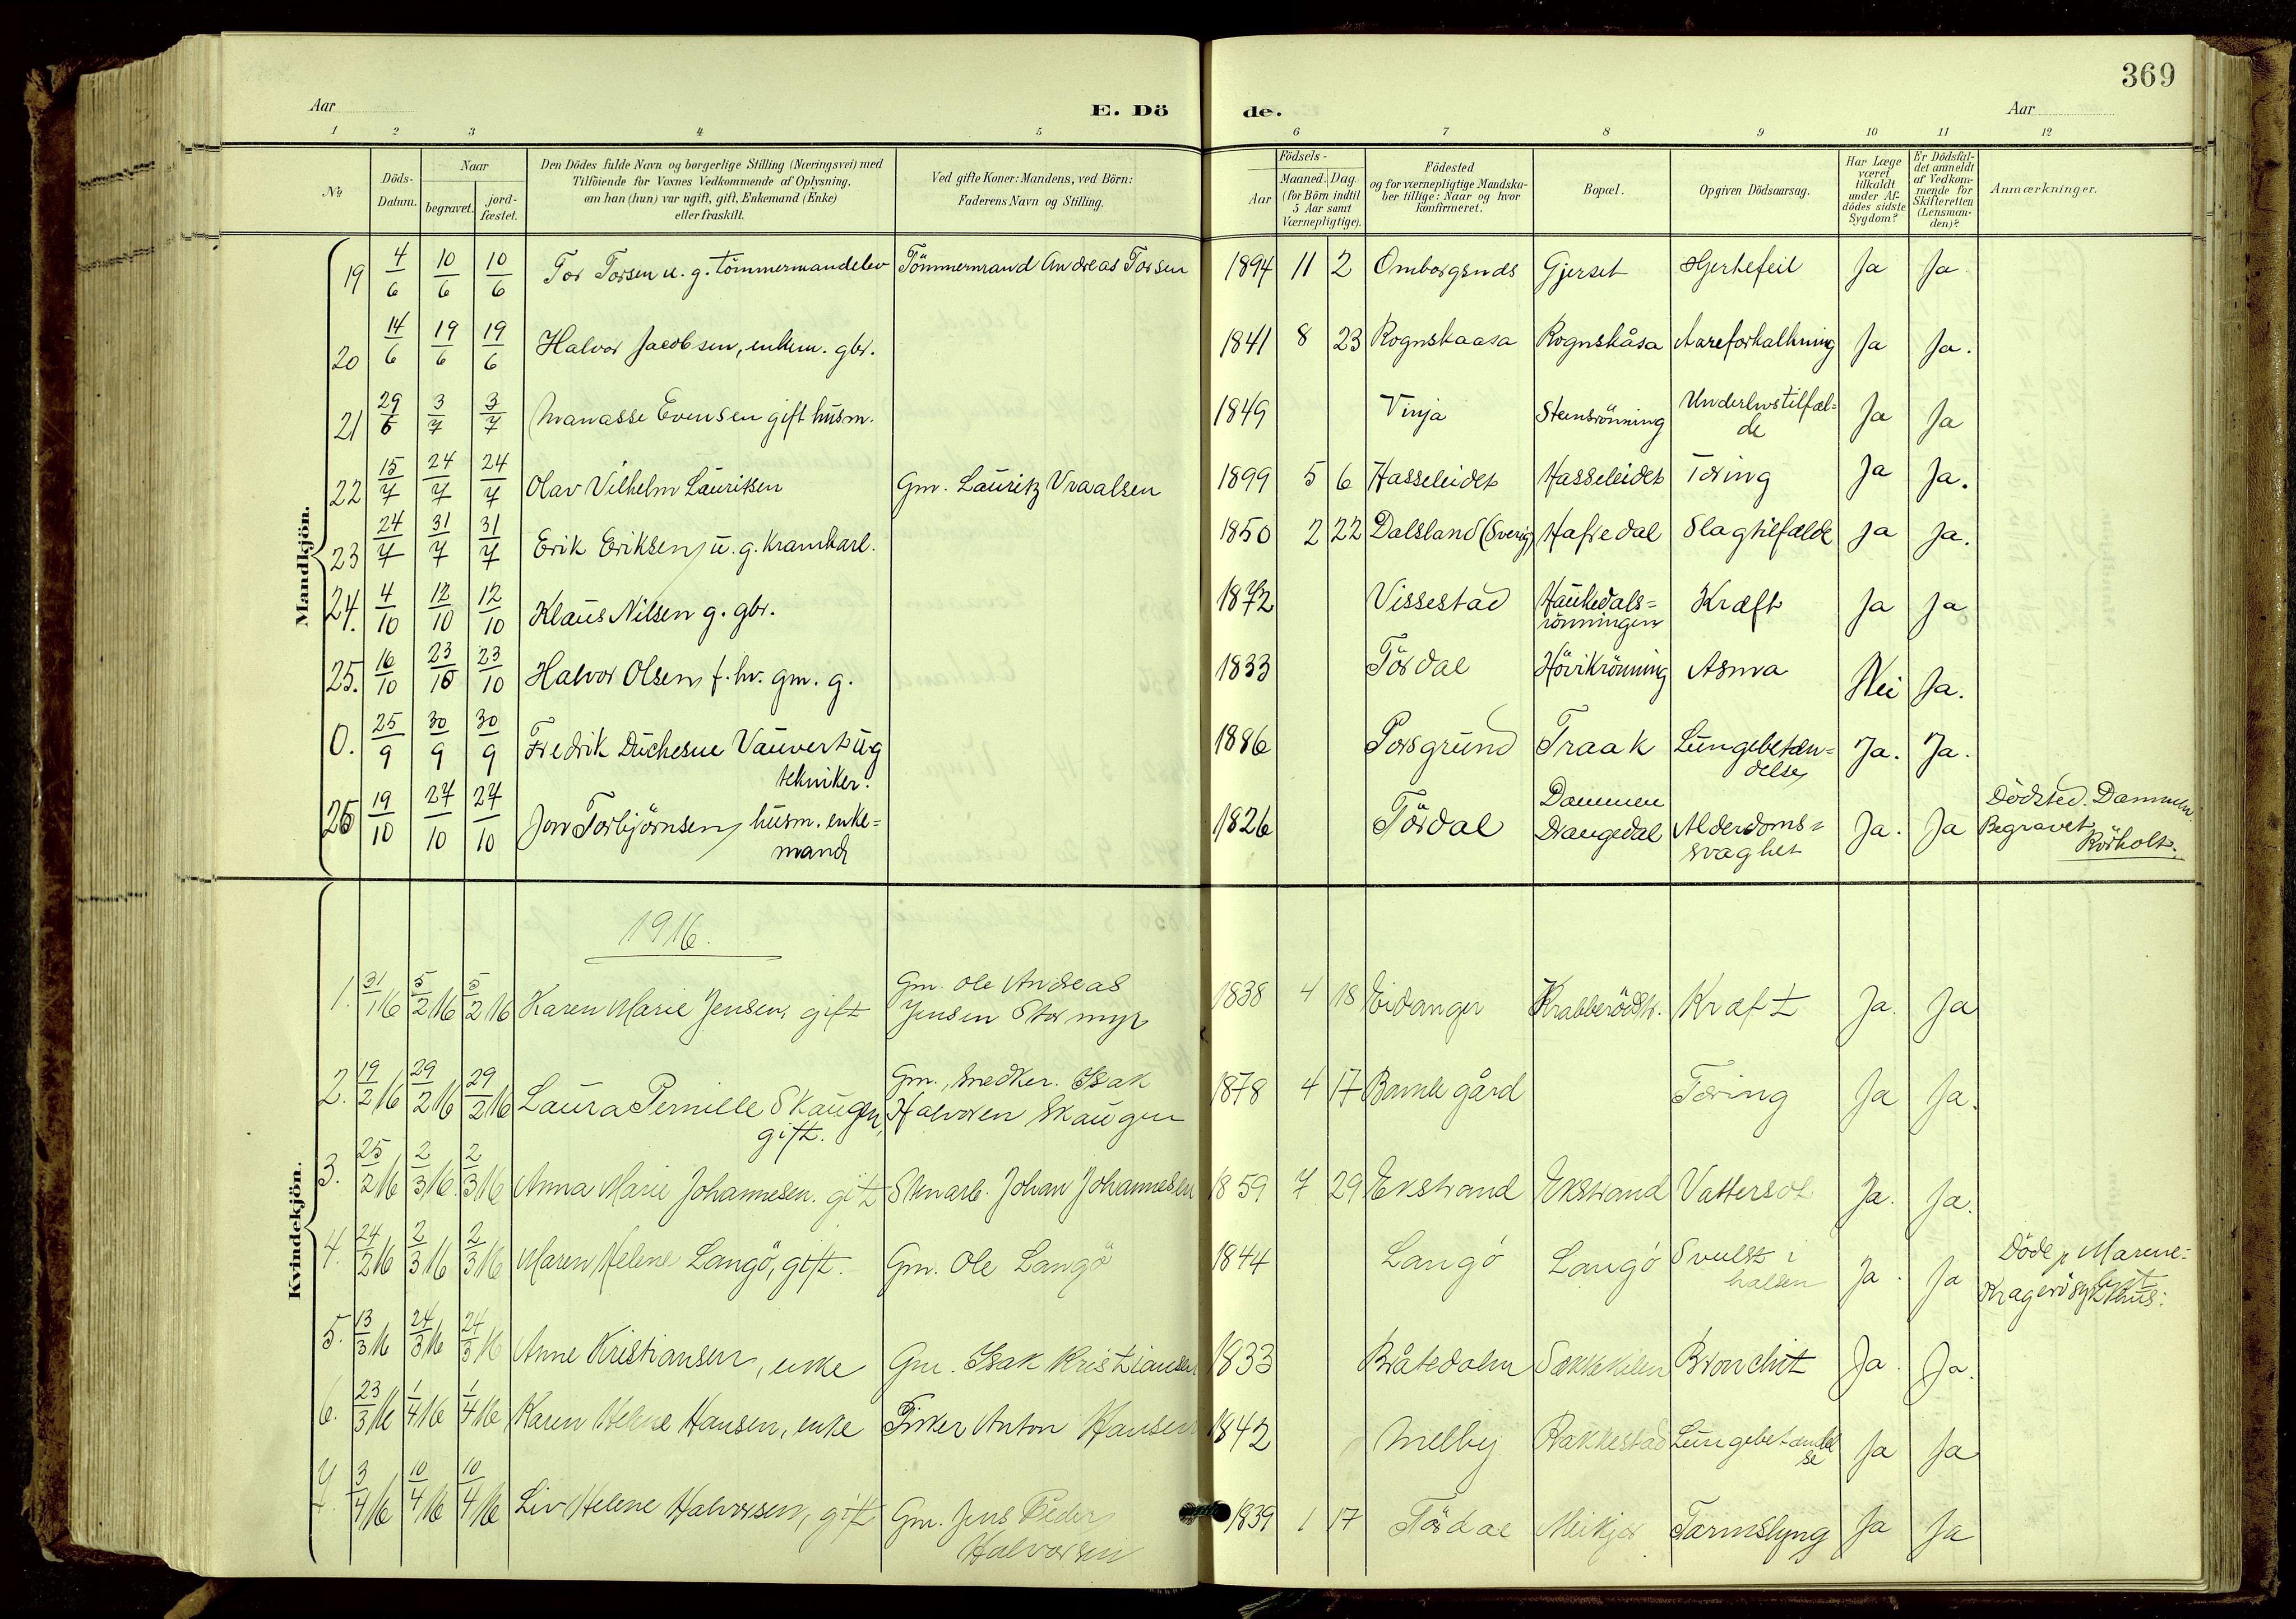 SAKO, Bamble kirkebøker, G/Ga/L0010: Klokkerbok nr. I 10, 1901-1919, s. 369